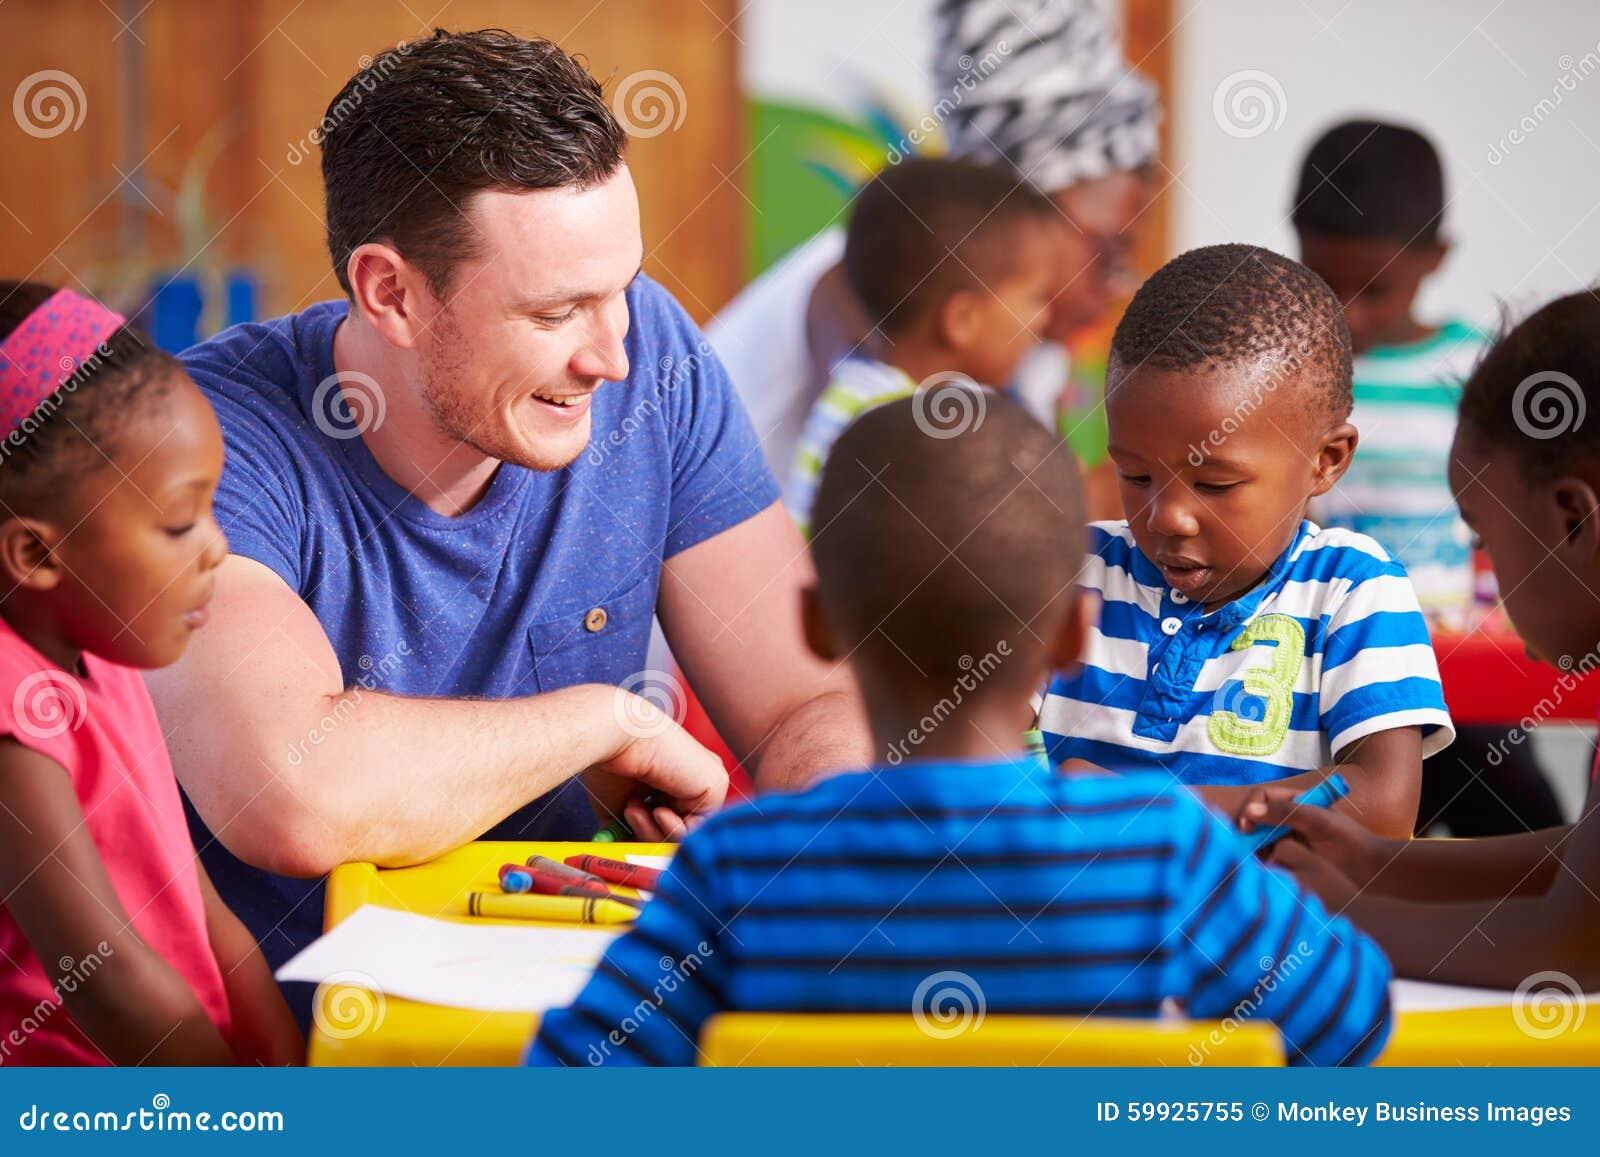 Volunteer teacher sitting with preschool kids in a classroom